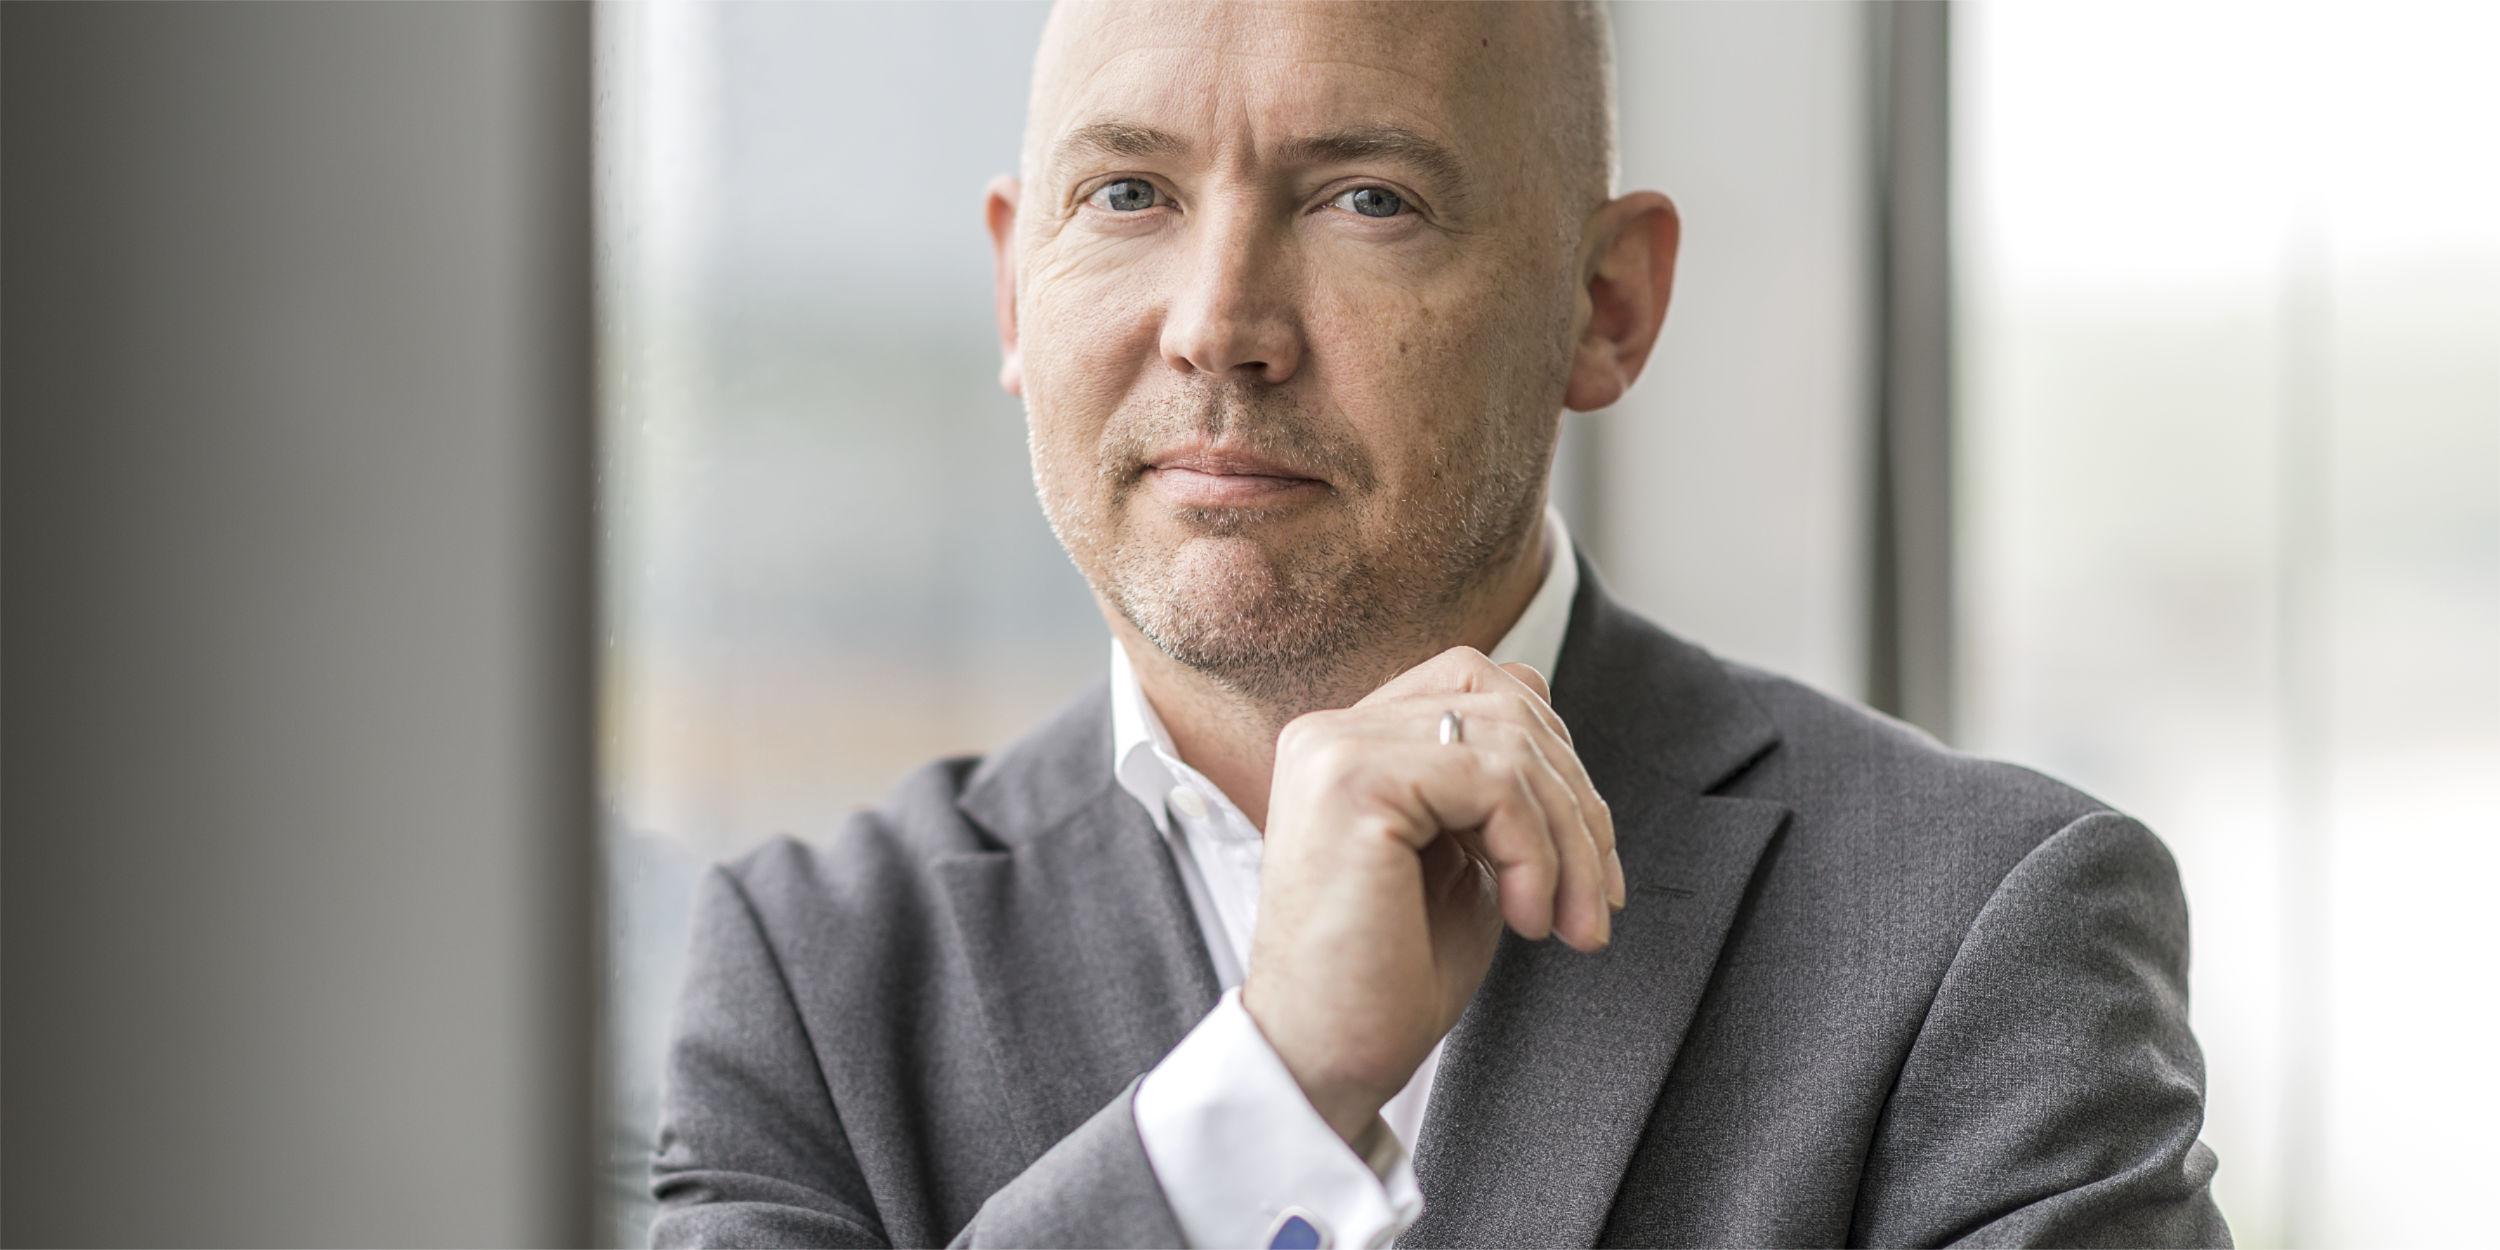 Mitarbeiter Fotografie Stuttgart und Umgebung Mitarbeiterfotos executive now Jeppe Hau Knudsen Feuerbach